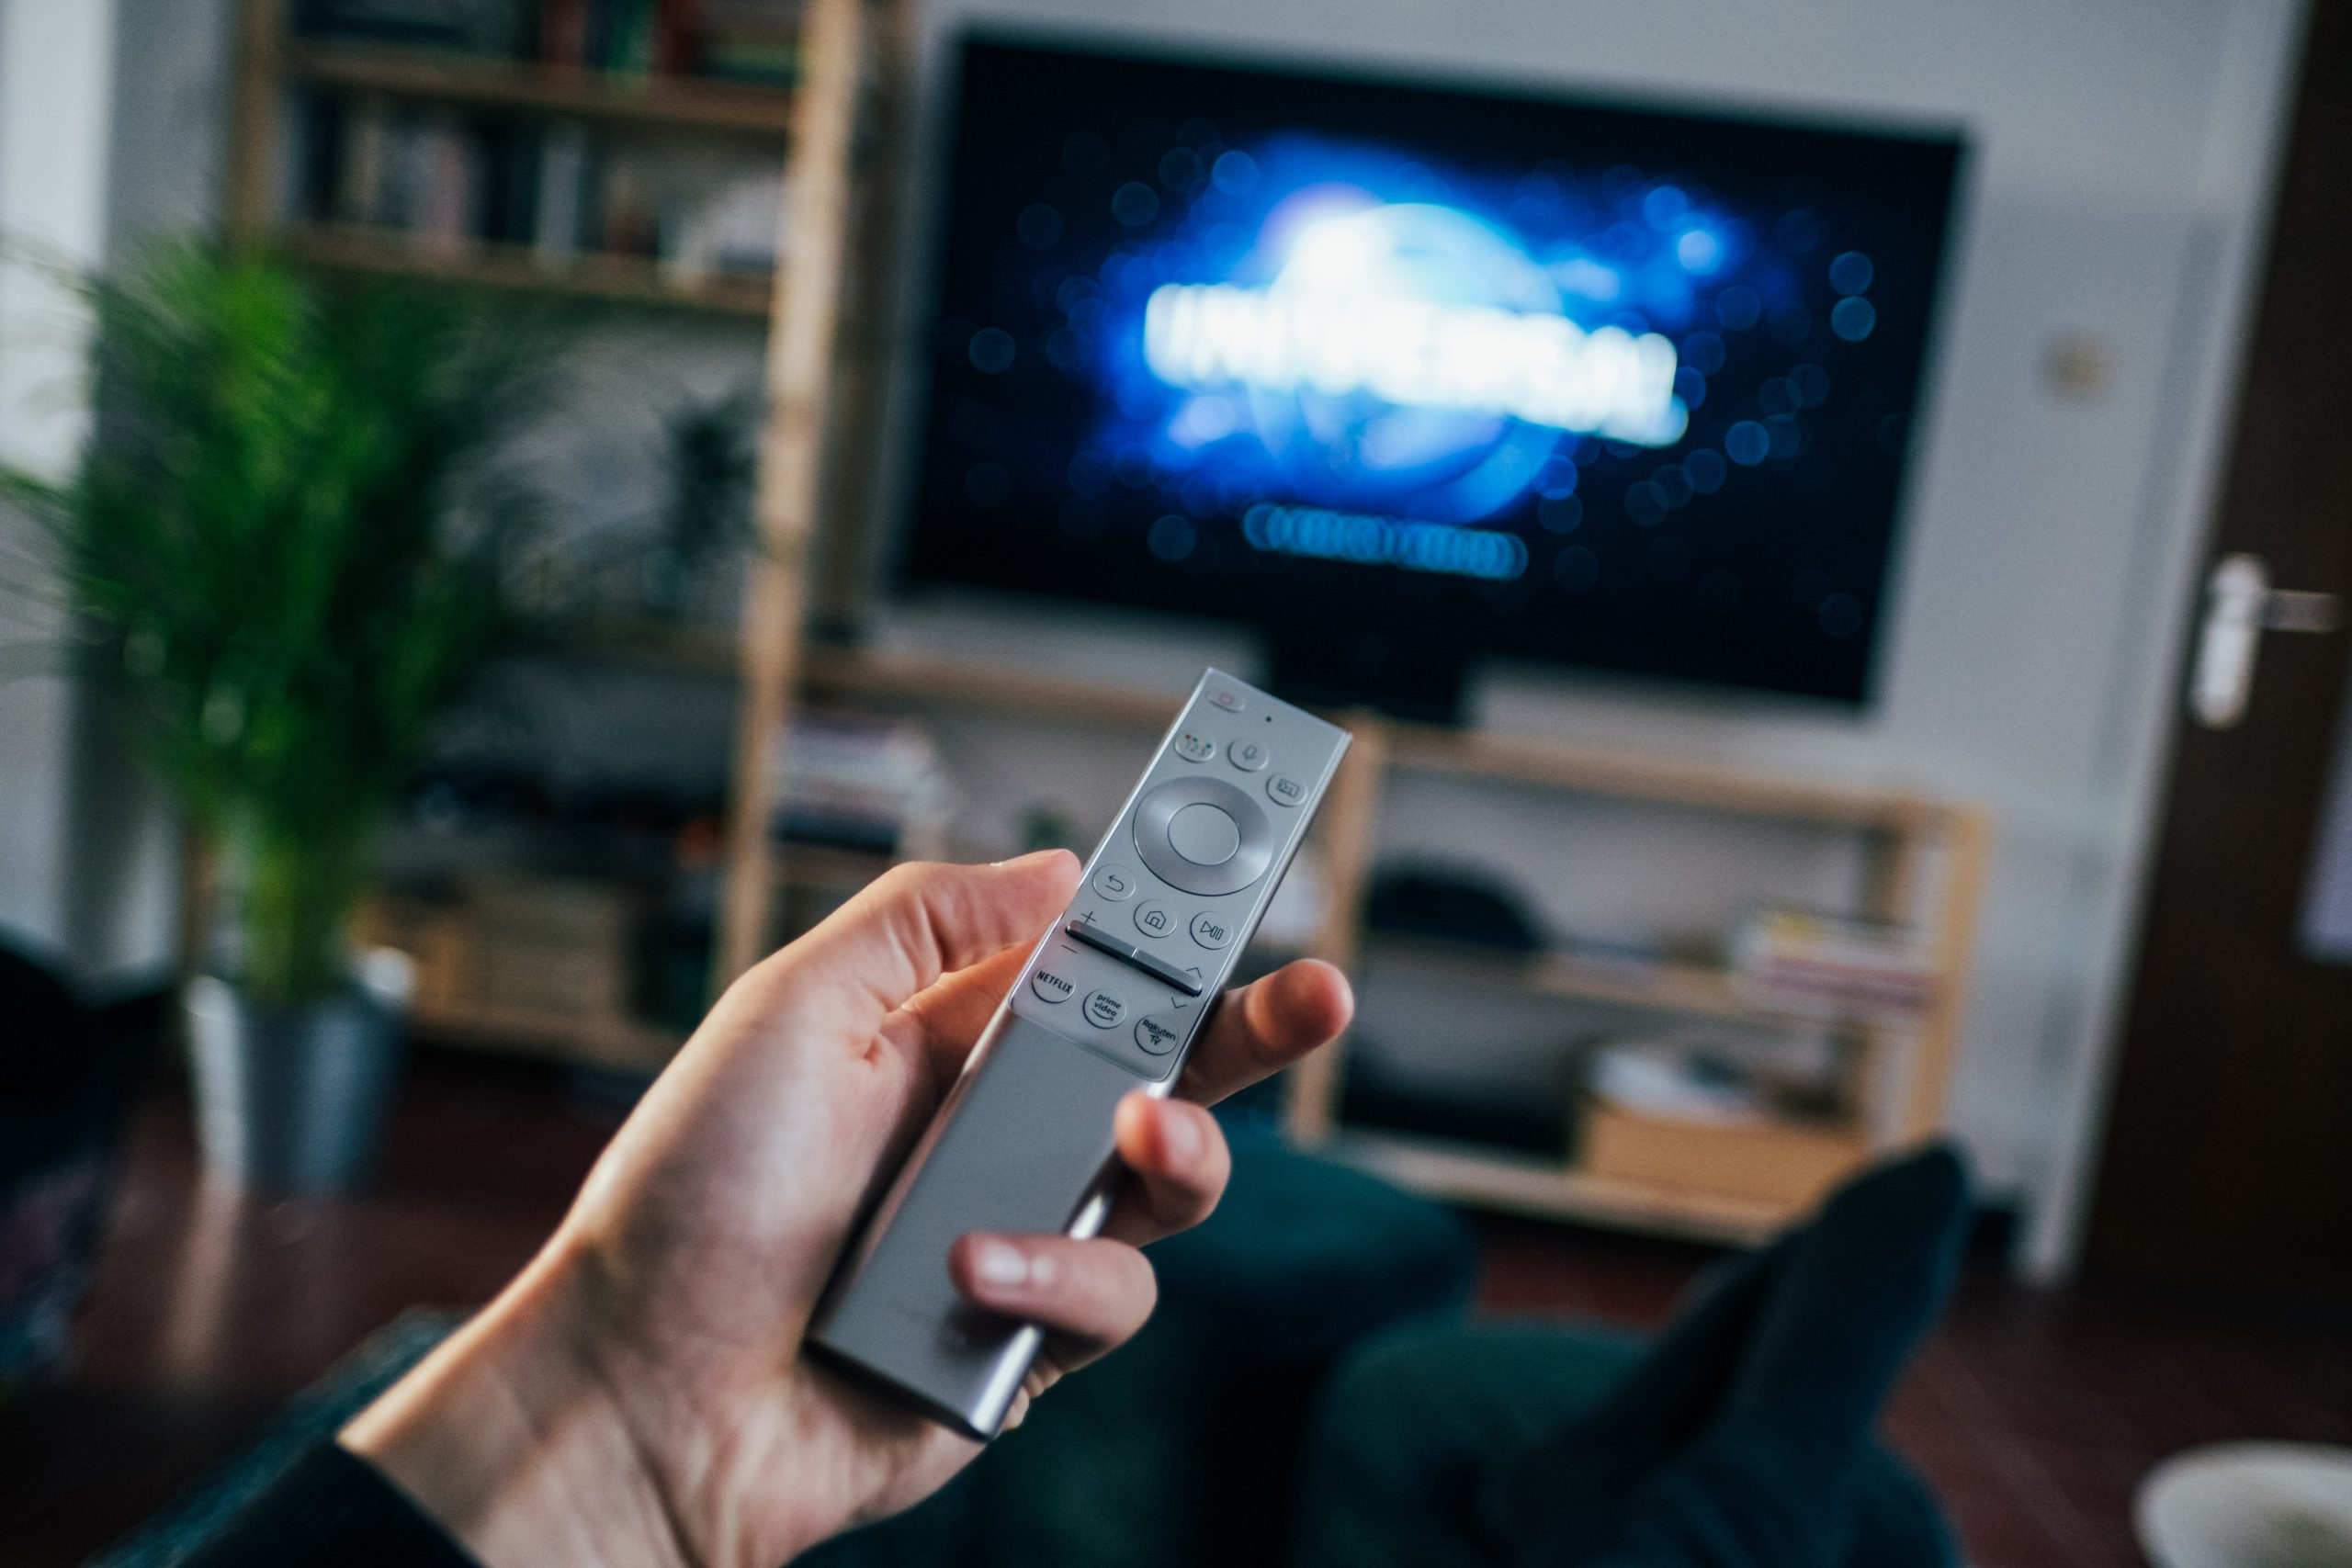 Persona sosteniendo control de Samsung con smart TV de fondo